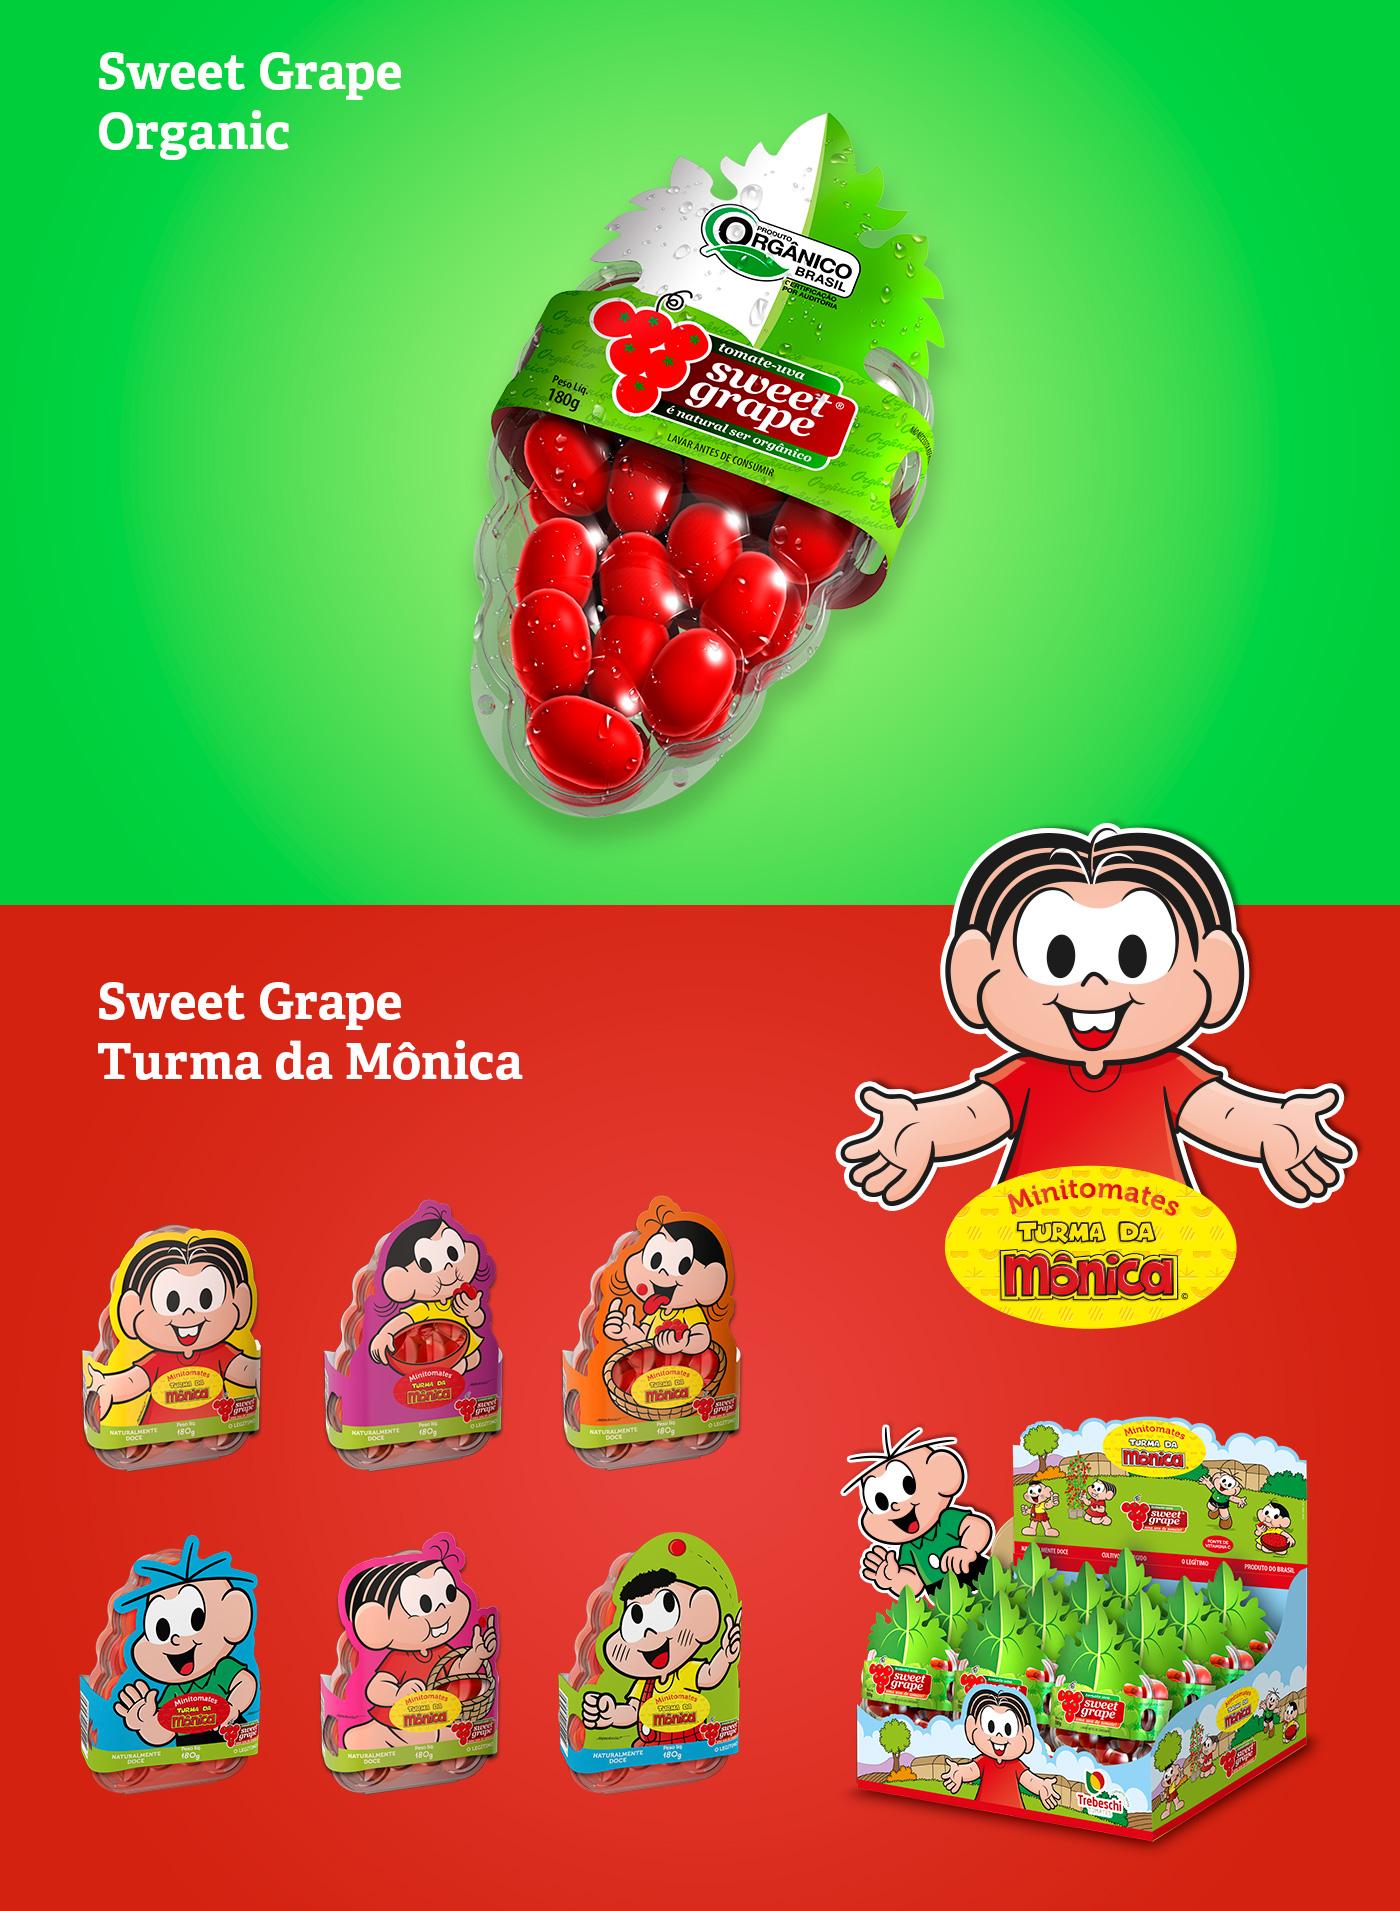 design de embalagens Sweet Grape Turma da Mônica e orgânico